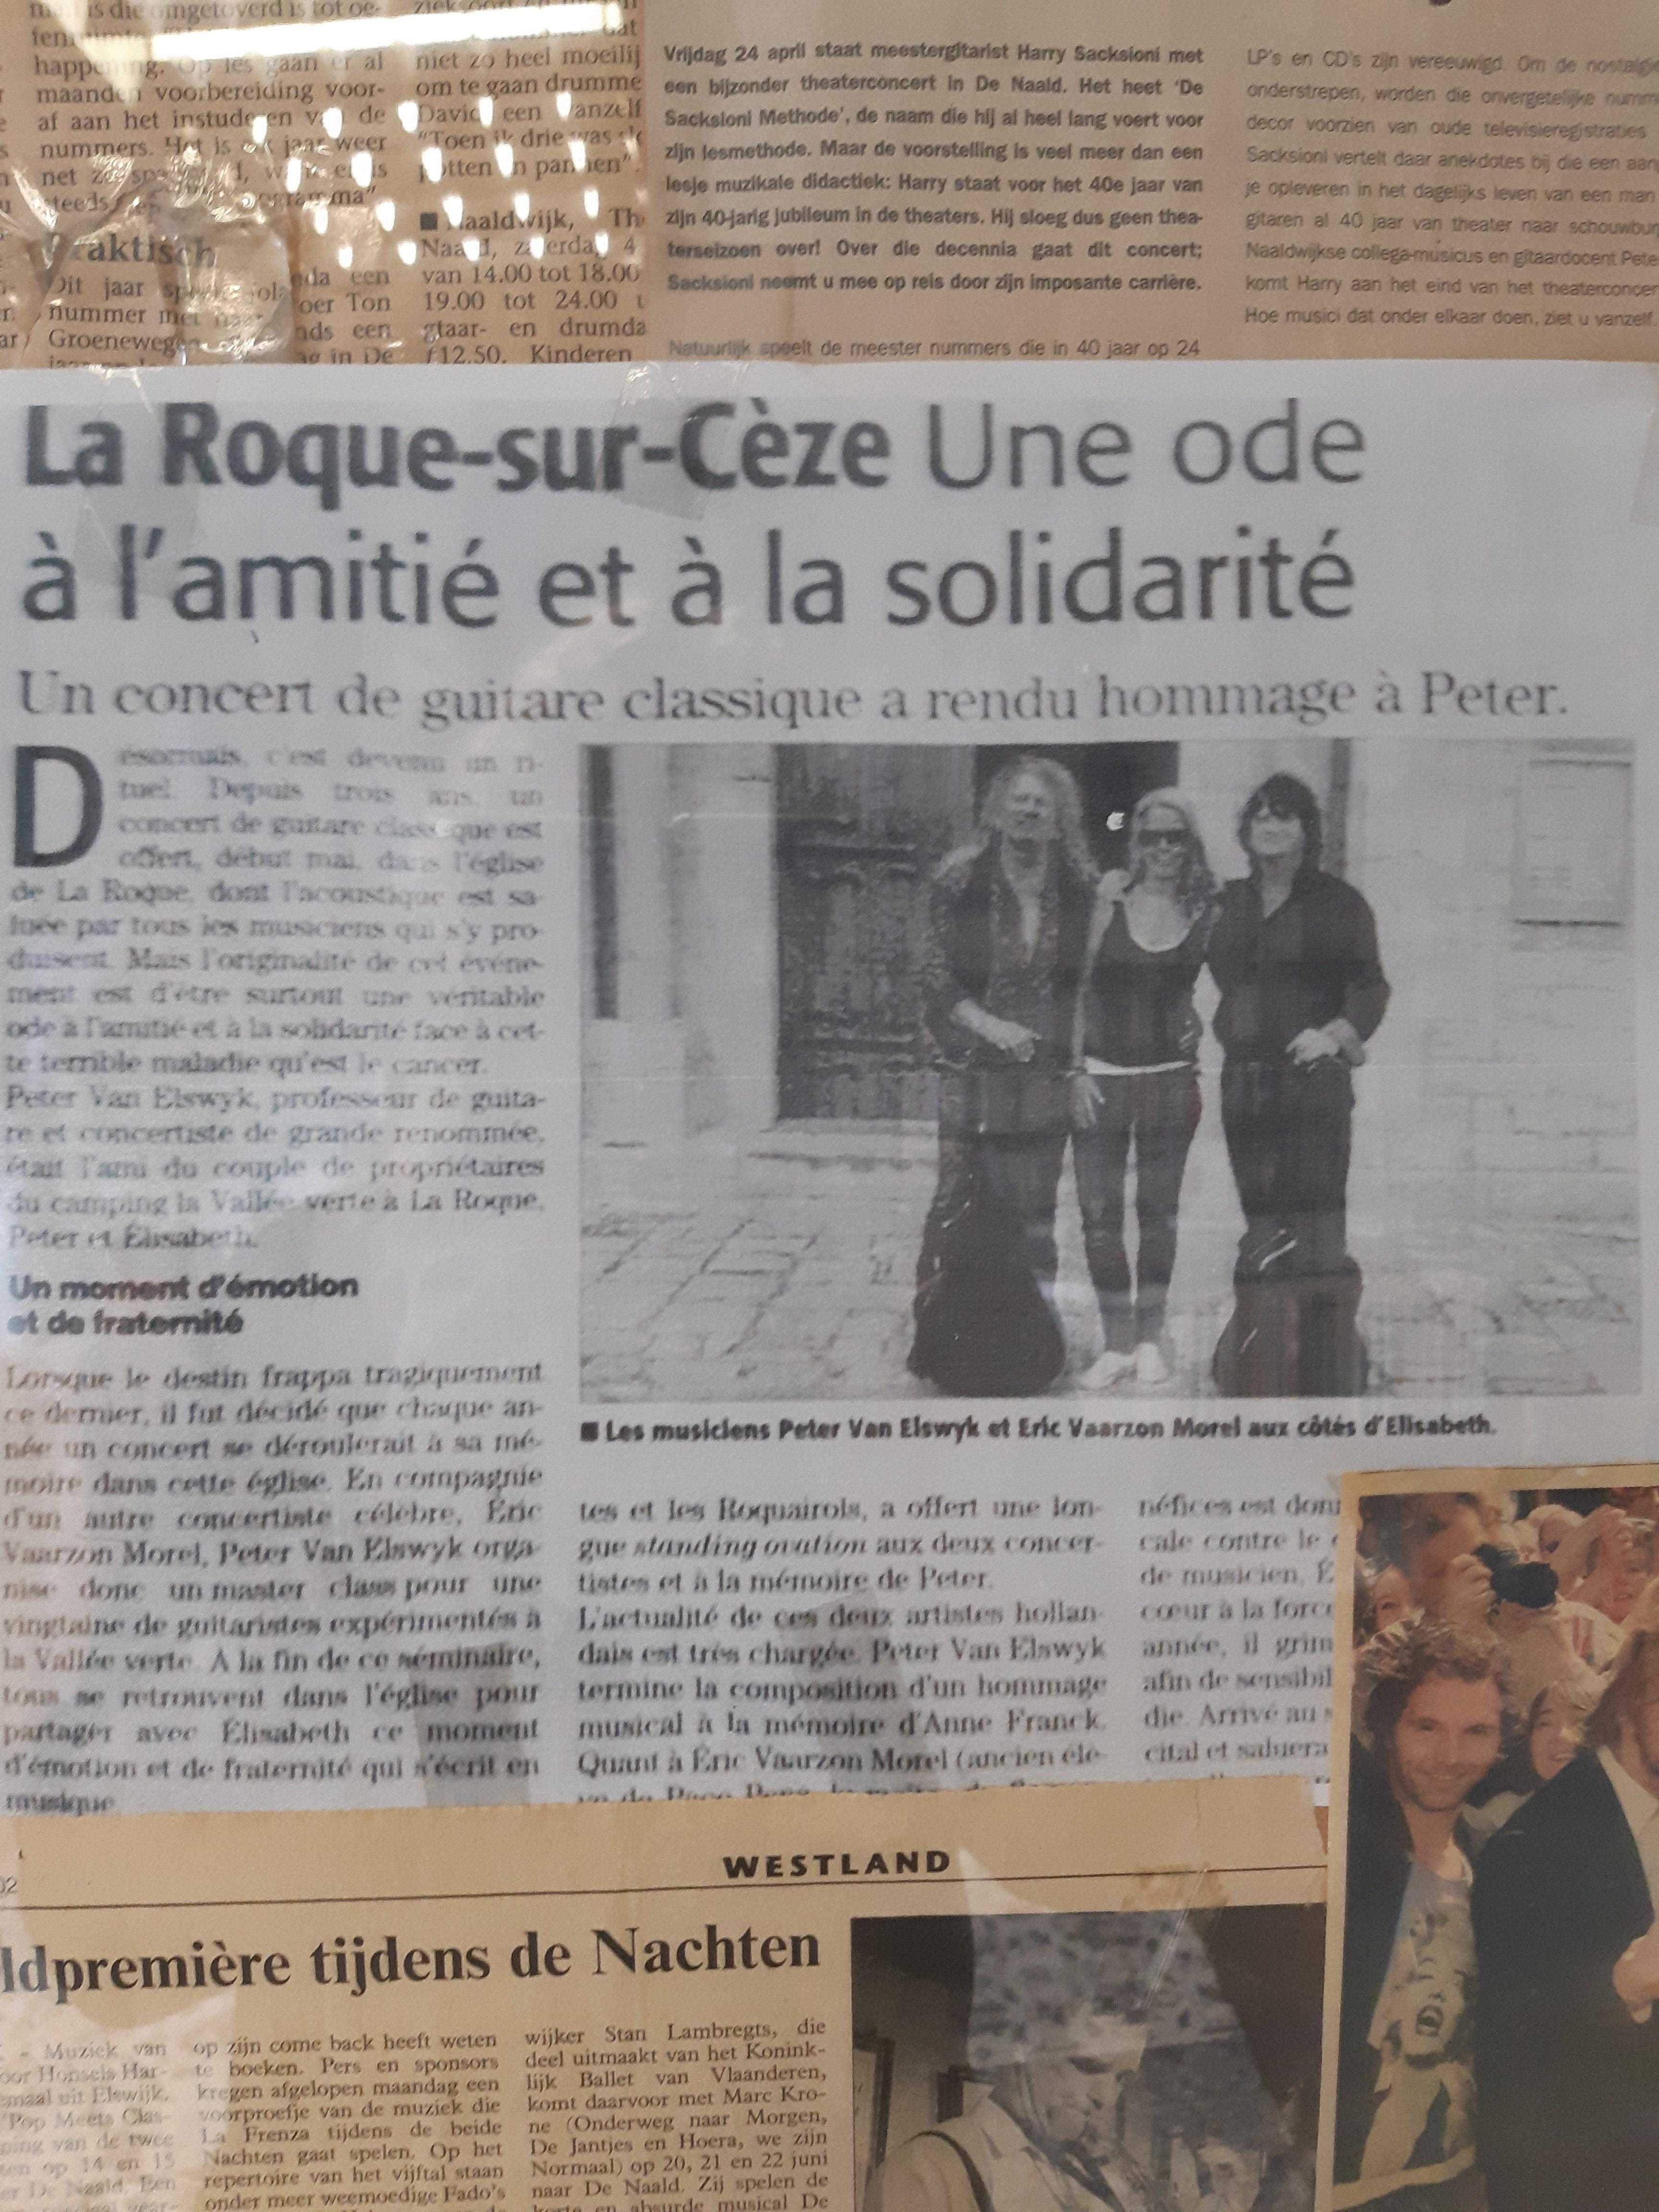 Met eric in La Rocque-gitaarclinics